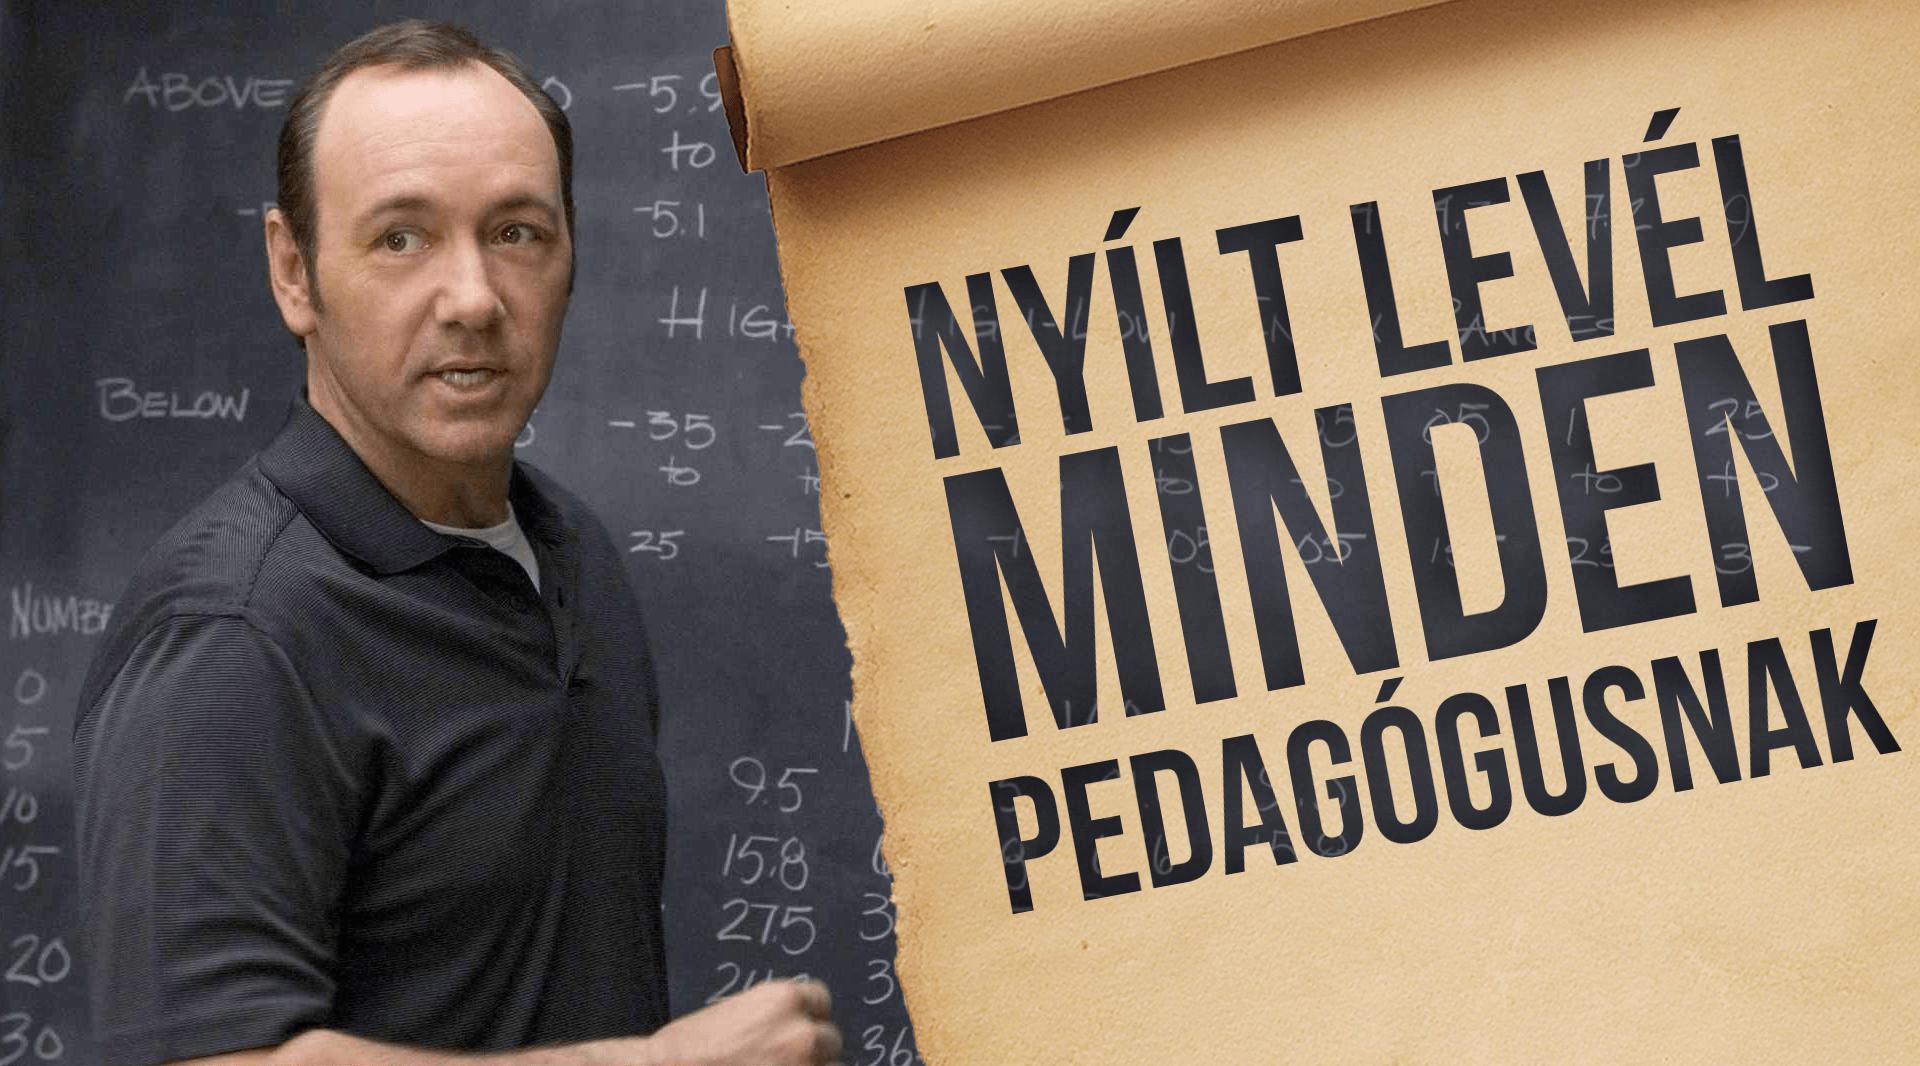 nyilt level pedagogus